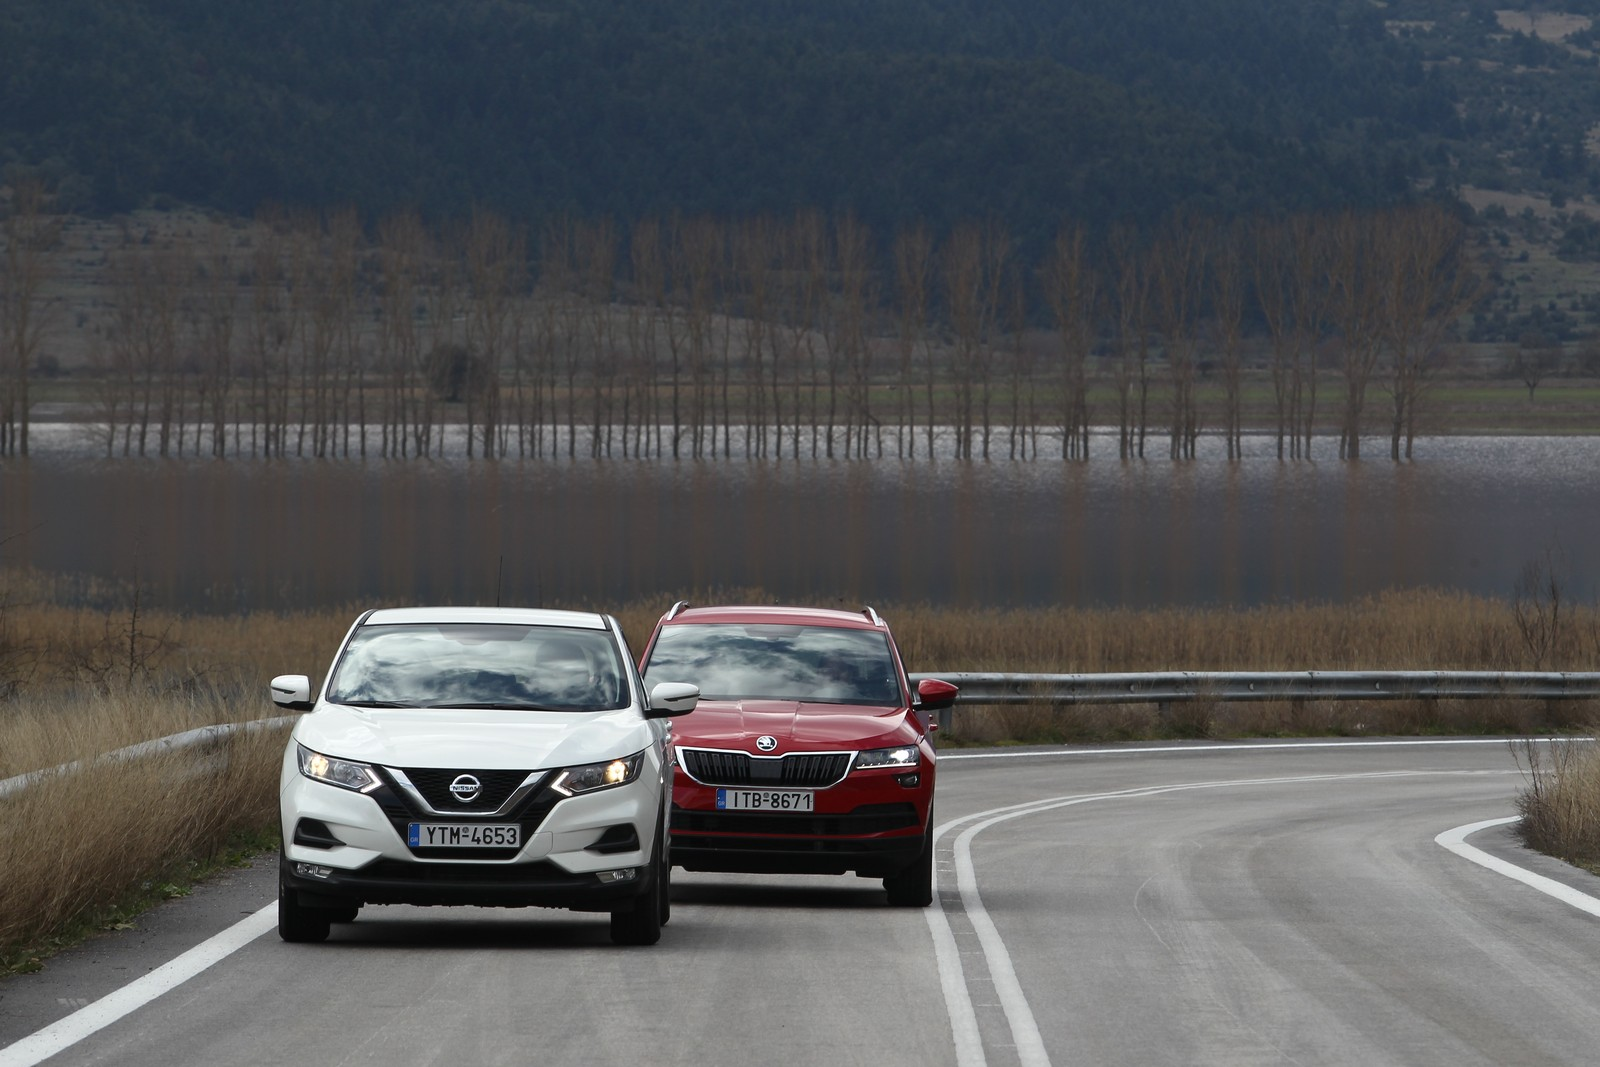 Nissan Qashqai 1.3 DCT7 και Skoda Karoq 1.5 DSG7